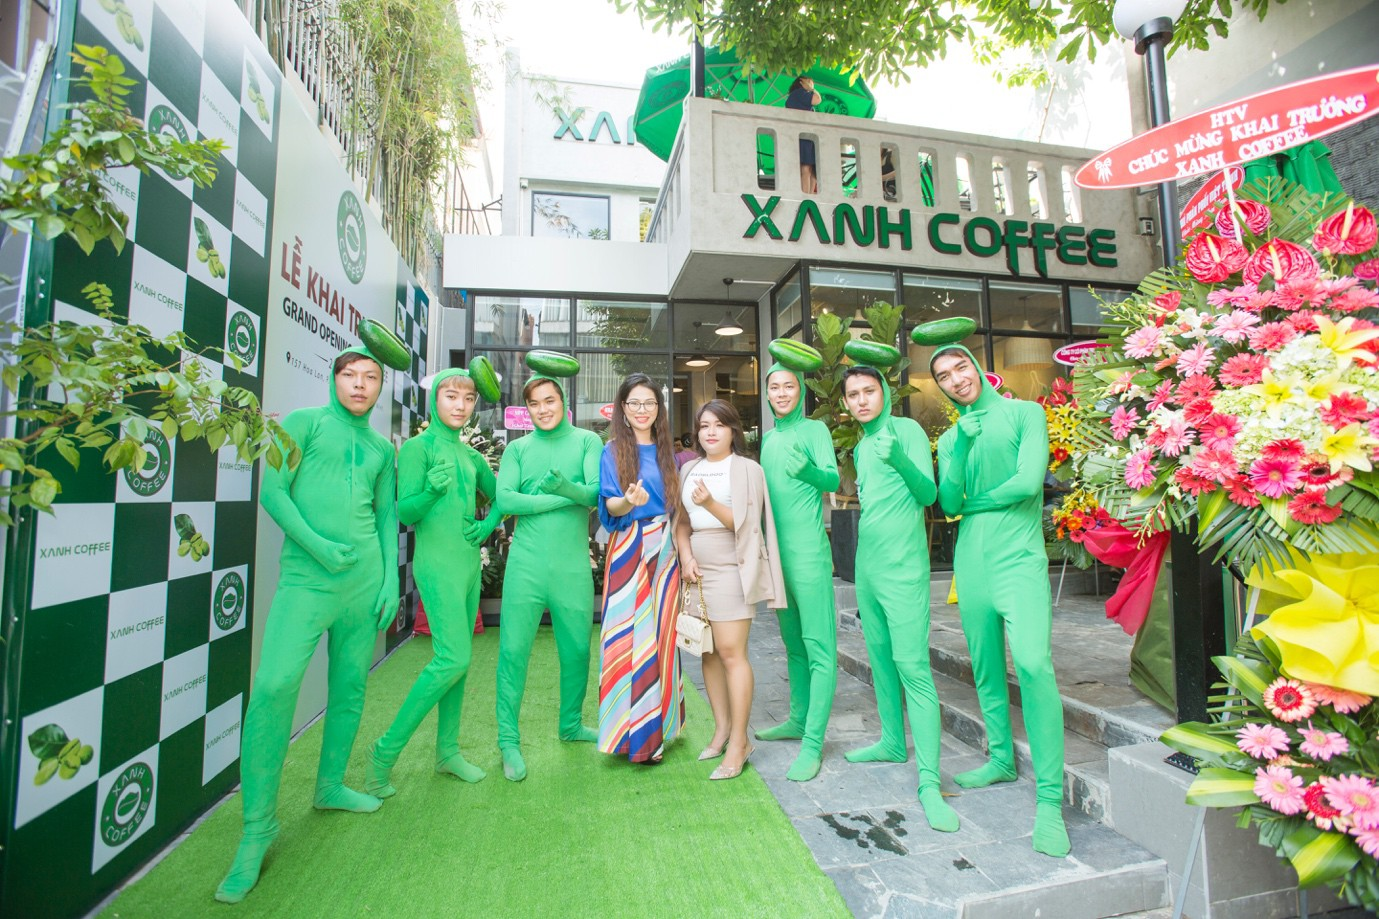 """Xanh Coffee khuấy động ở """"khu phố cà phê"""" Sài Gòn """"hút"""" nhiều nghệ sĩ Việt - Ảnh 6."""